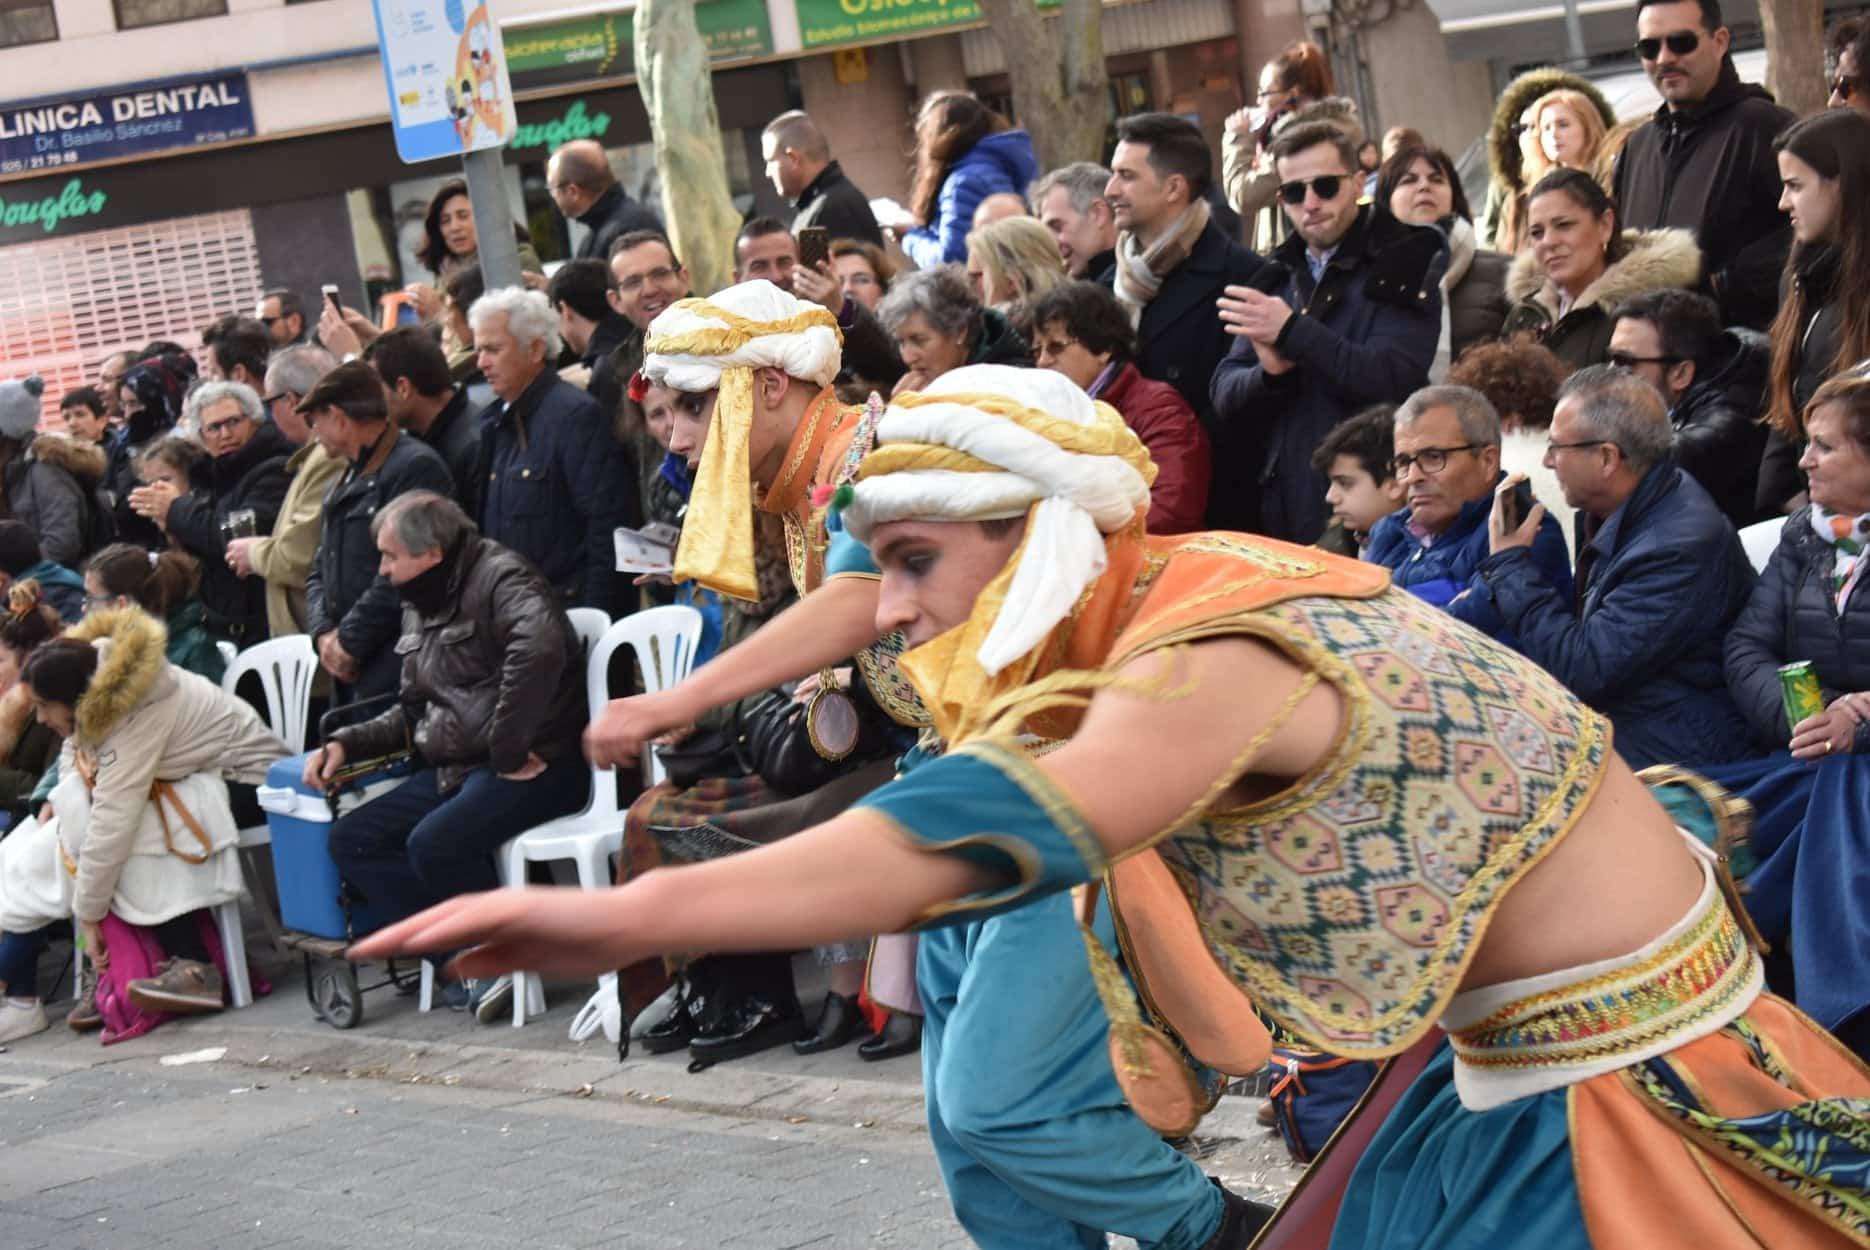 Carnaval de ciudad real 2020 axonsou arlequin oro herencia 14 - Axonsou se lleva el Arlequín de Oro en Ciudad Real